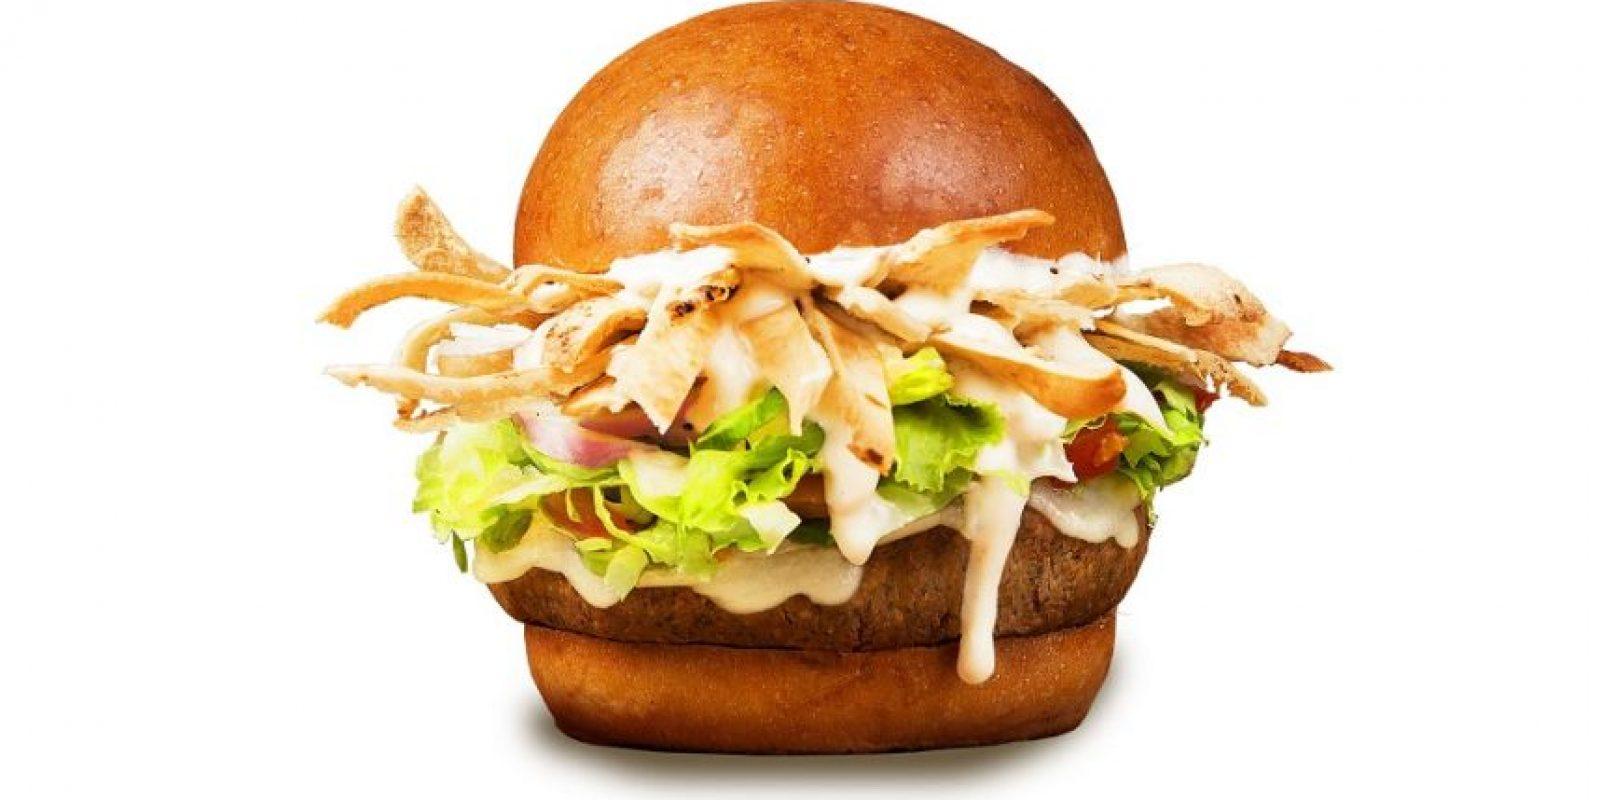 Burger of the month: Cuando pensamos romper la dieta siempre llega a nuestra mente una hamburguesa. La de este en Mustards es Falafel Burguer: Falafel, queso provolone, tiritas crispy de pita, salsa tzatziki, lechuga, tomate y cebolla. Es 0% carne, 100% sabor. Foto:Fuente Externa